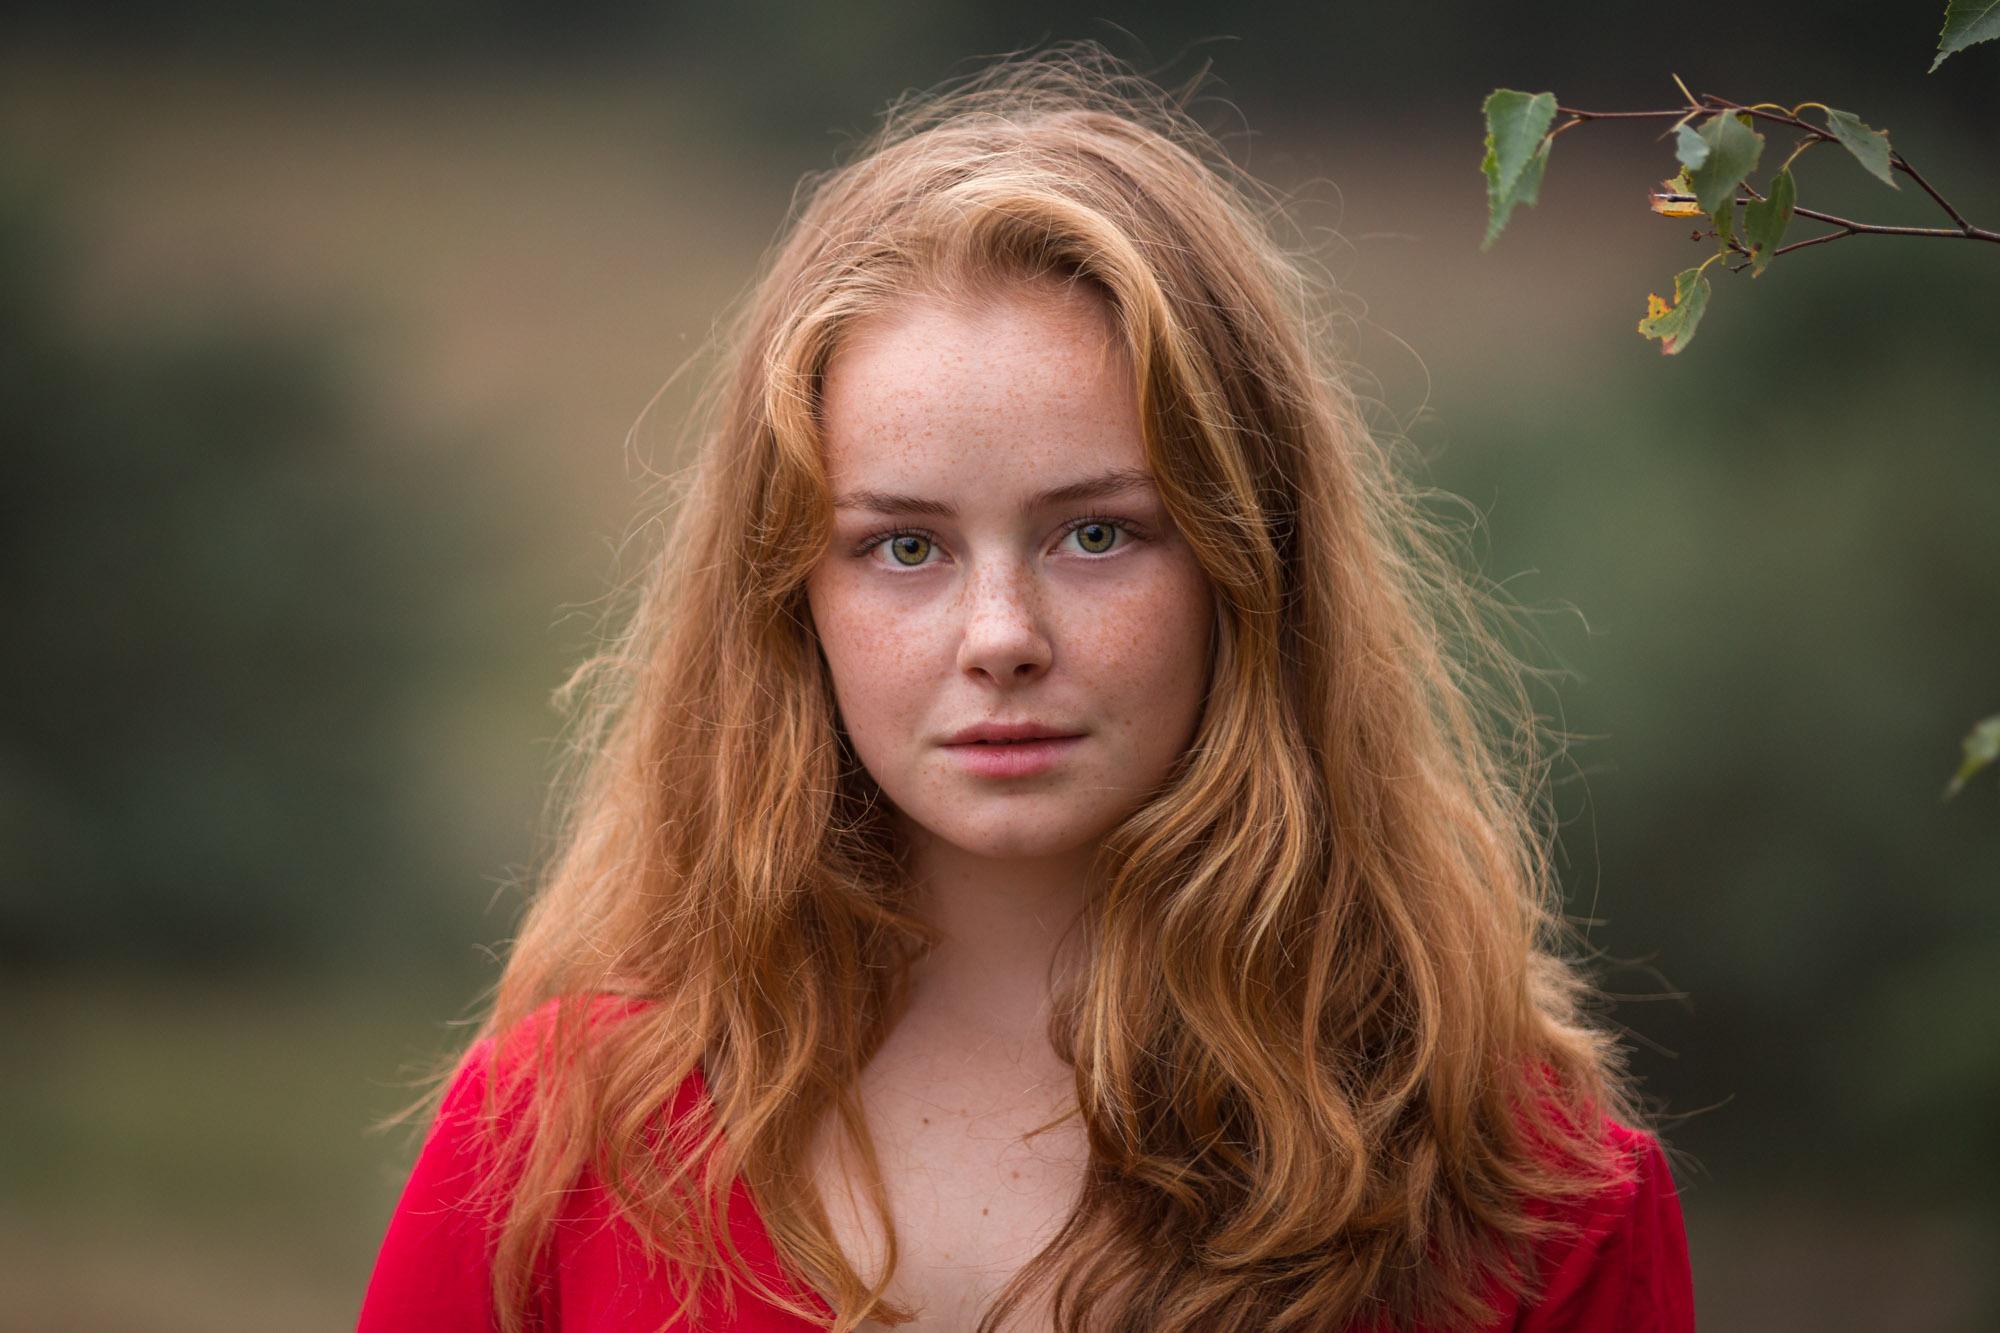 buiten portret van jonge vrouw met rood lang haar en sproeten en rode jurk door mayrafotografie